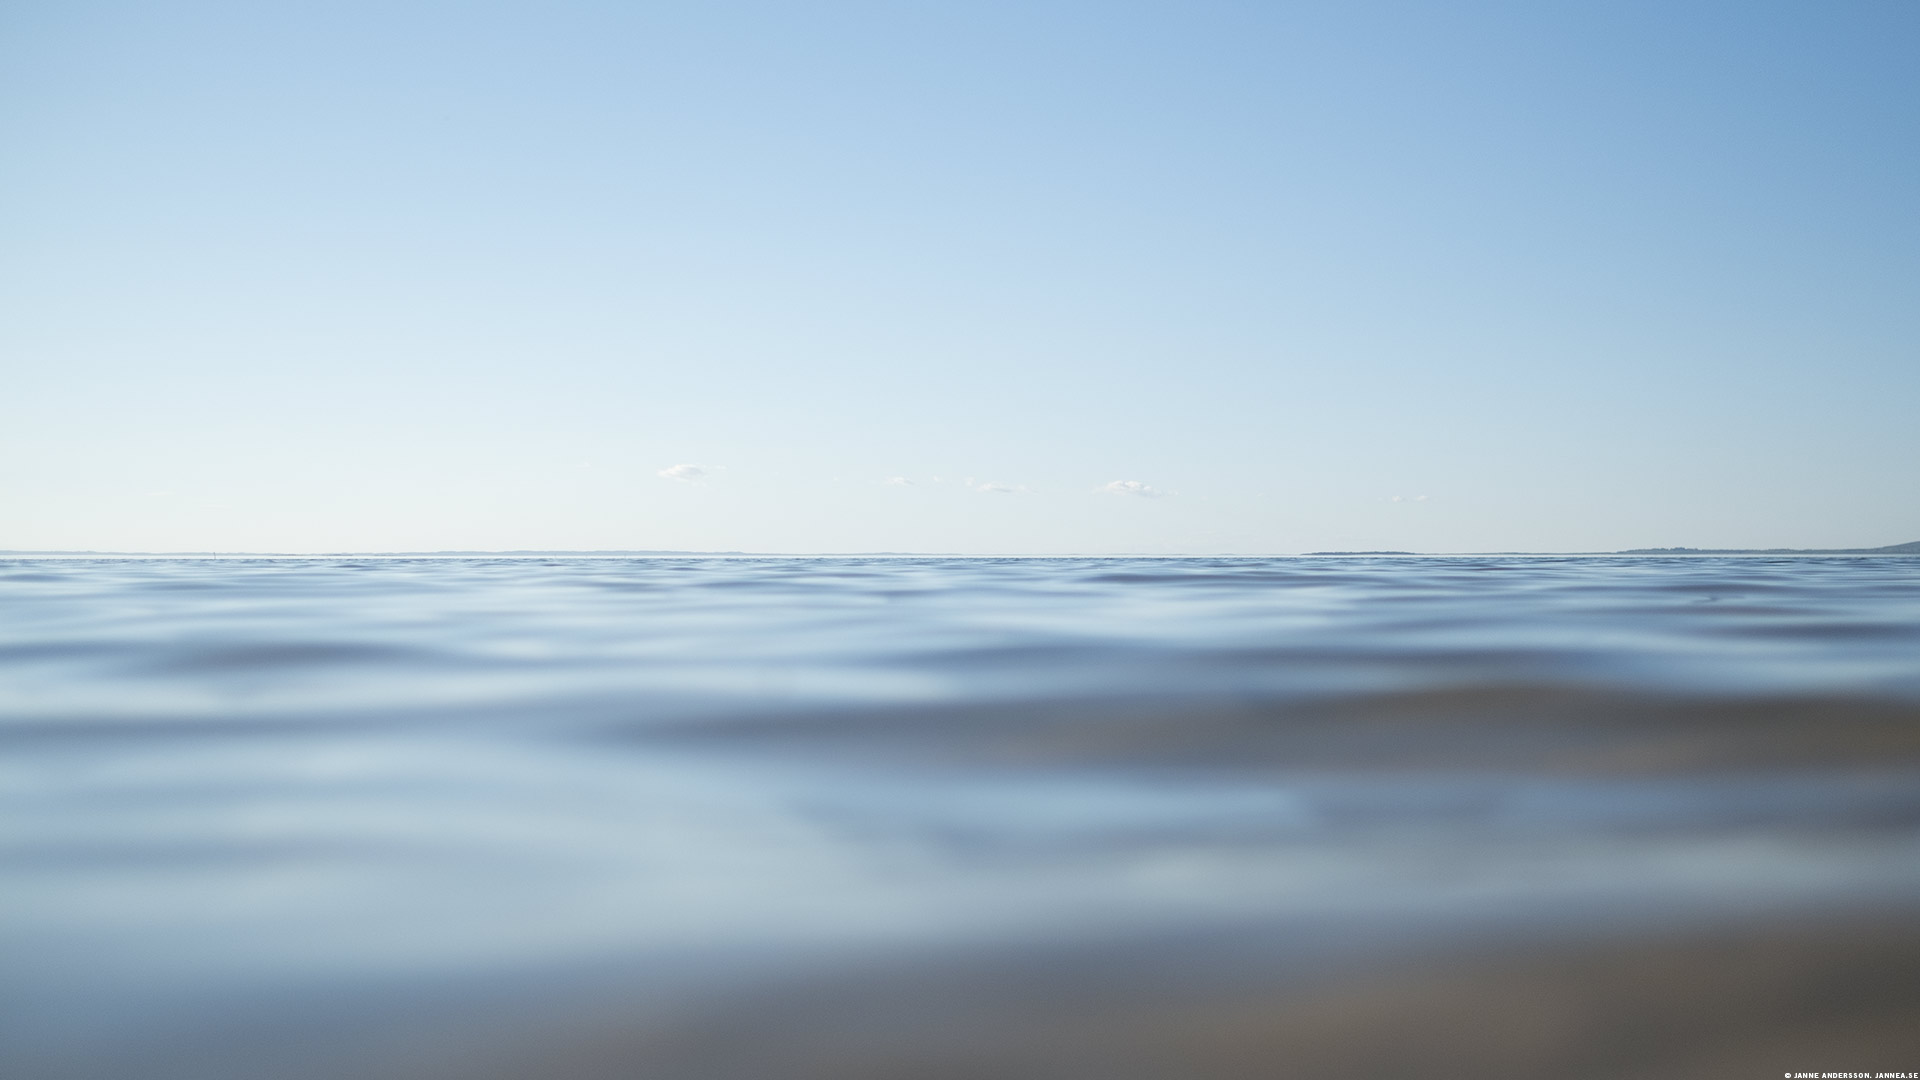 Sjön vättern och stilla vågor | © Janne A